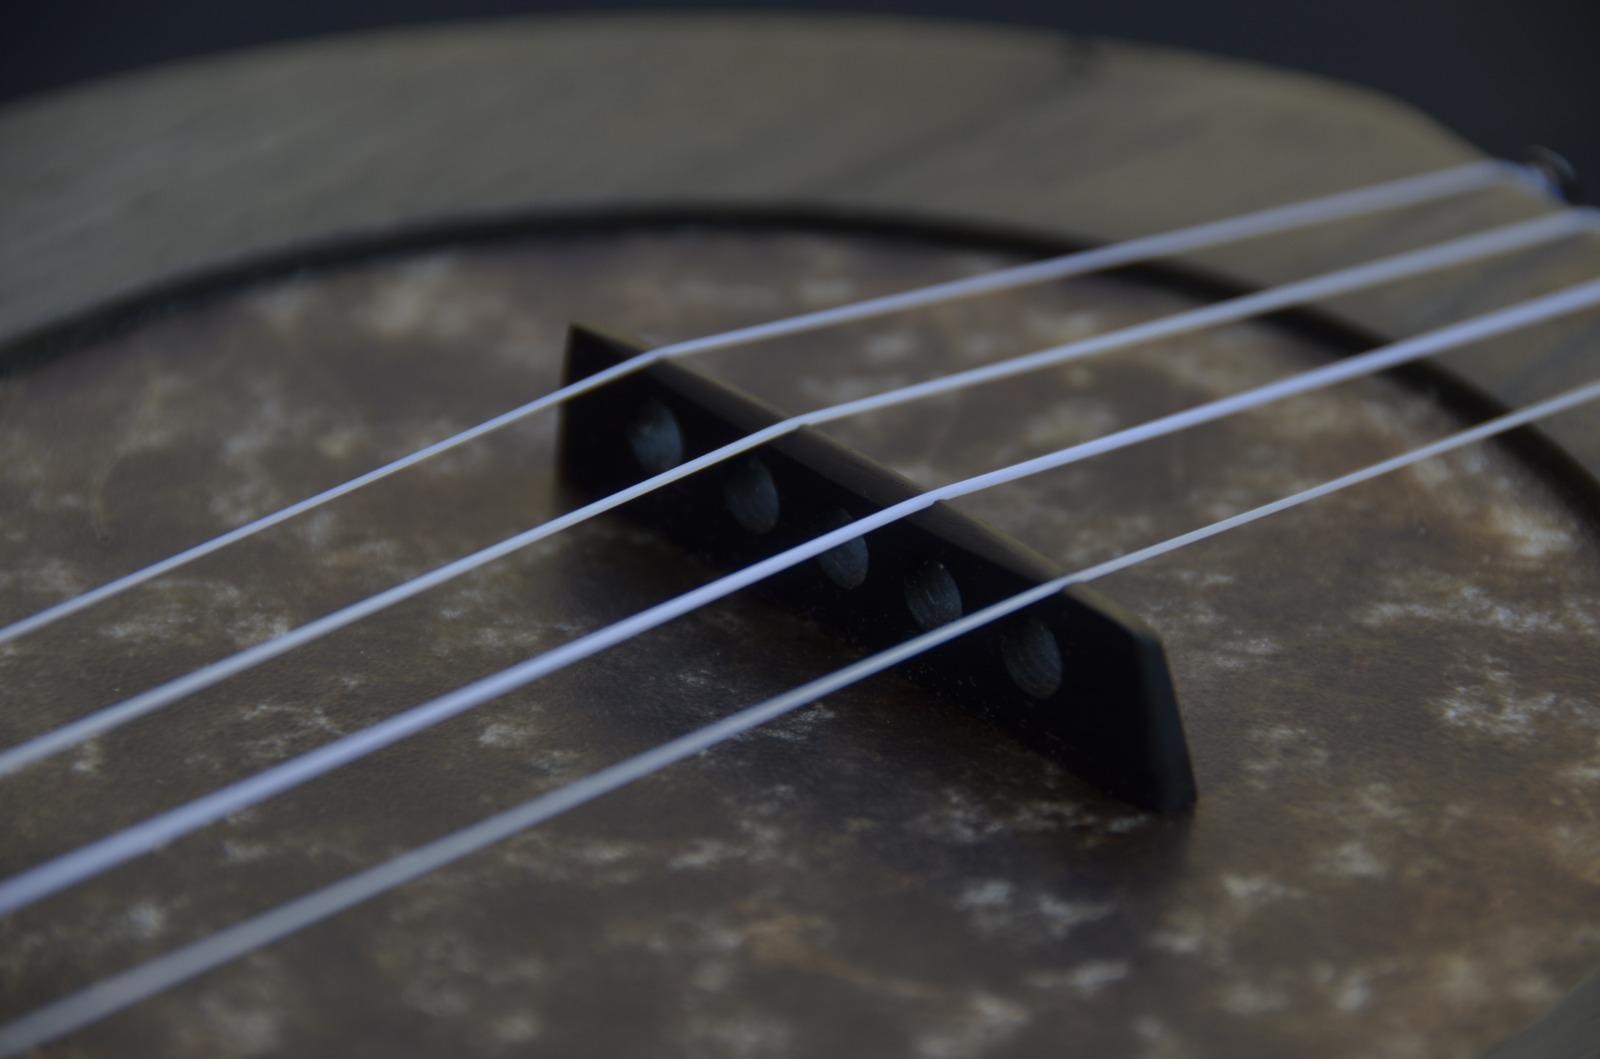 banjoukulele-soundboard